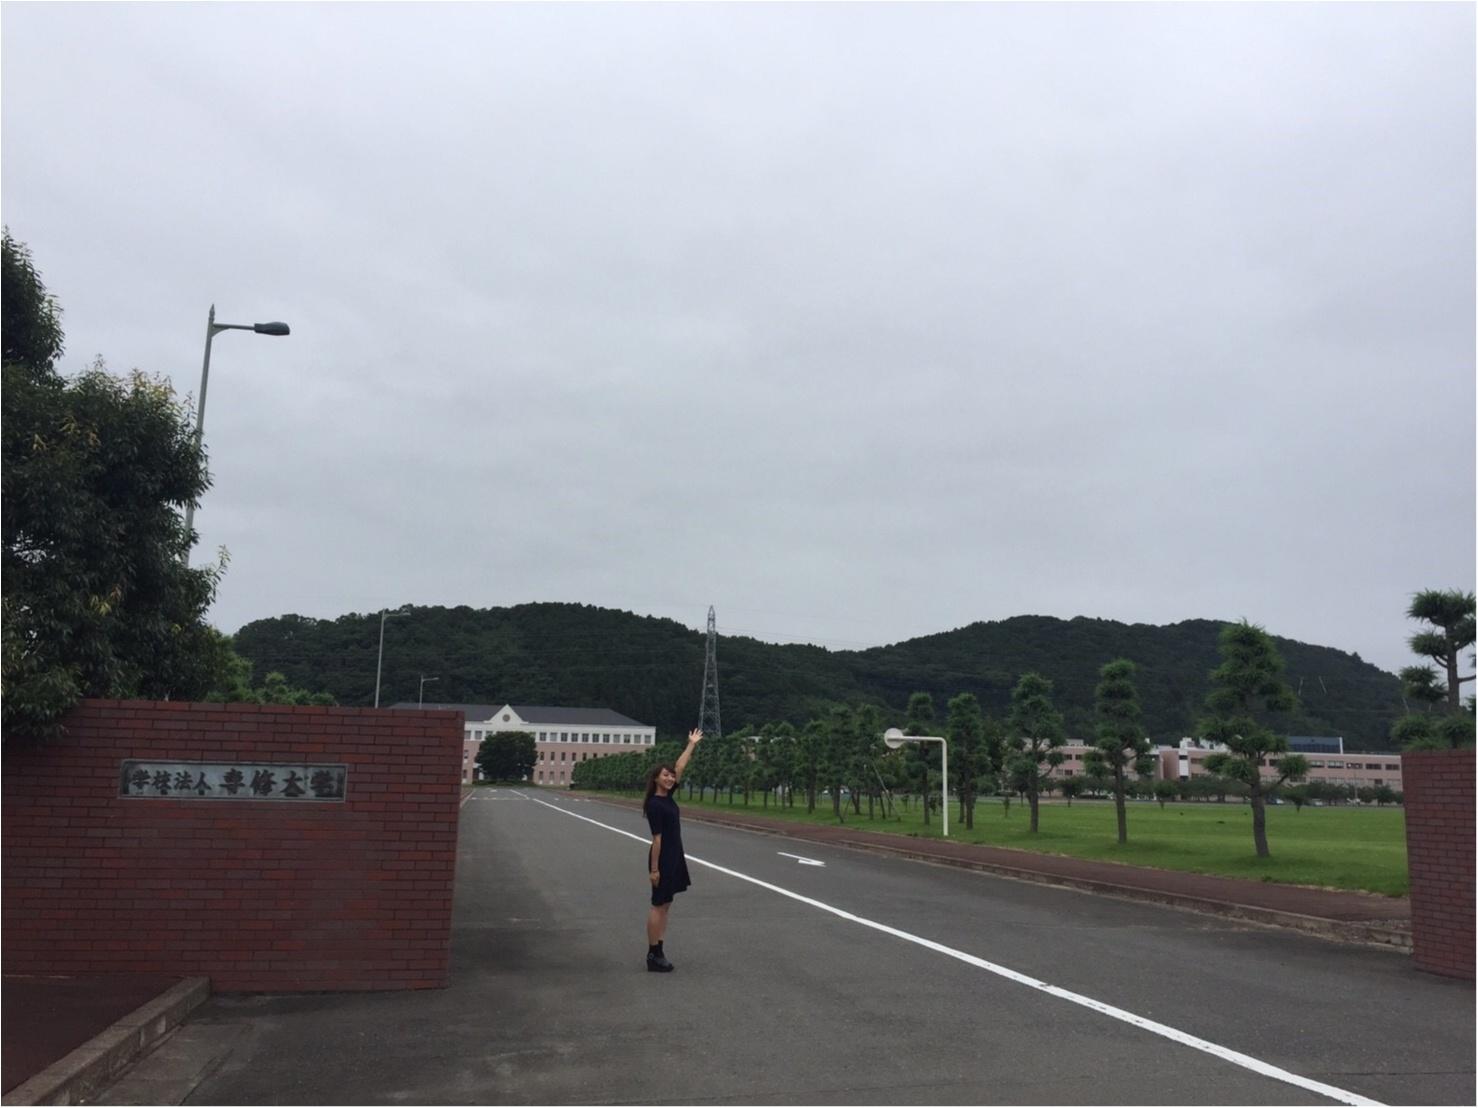 ツール・ド・東北まであと一カ月! 私たちが走る女川・雄勝フォンドの下見に!!【#モアチャレ ほなみ】_3